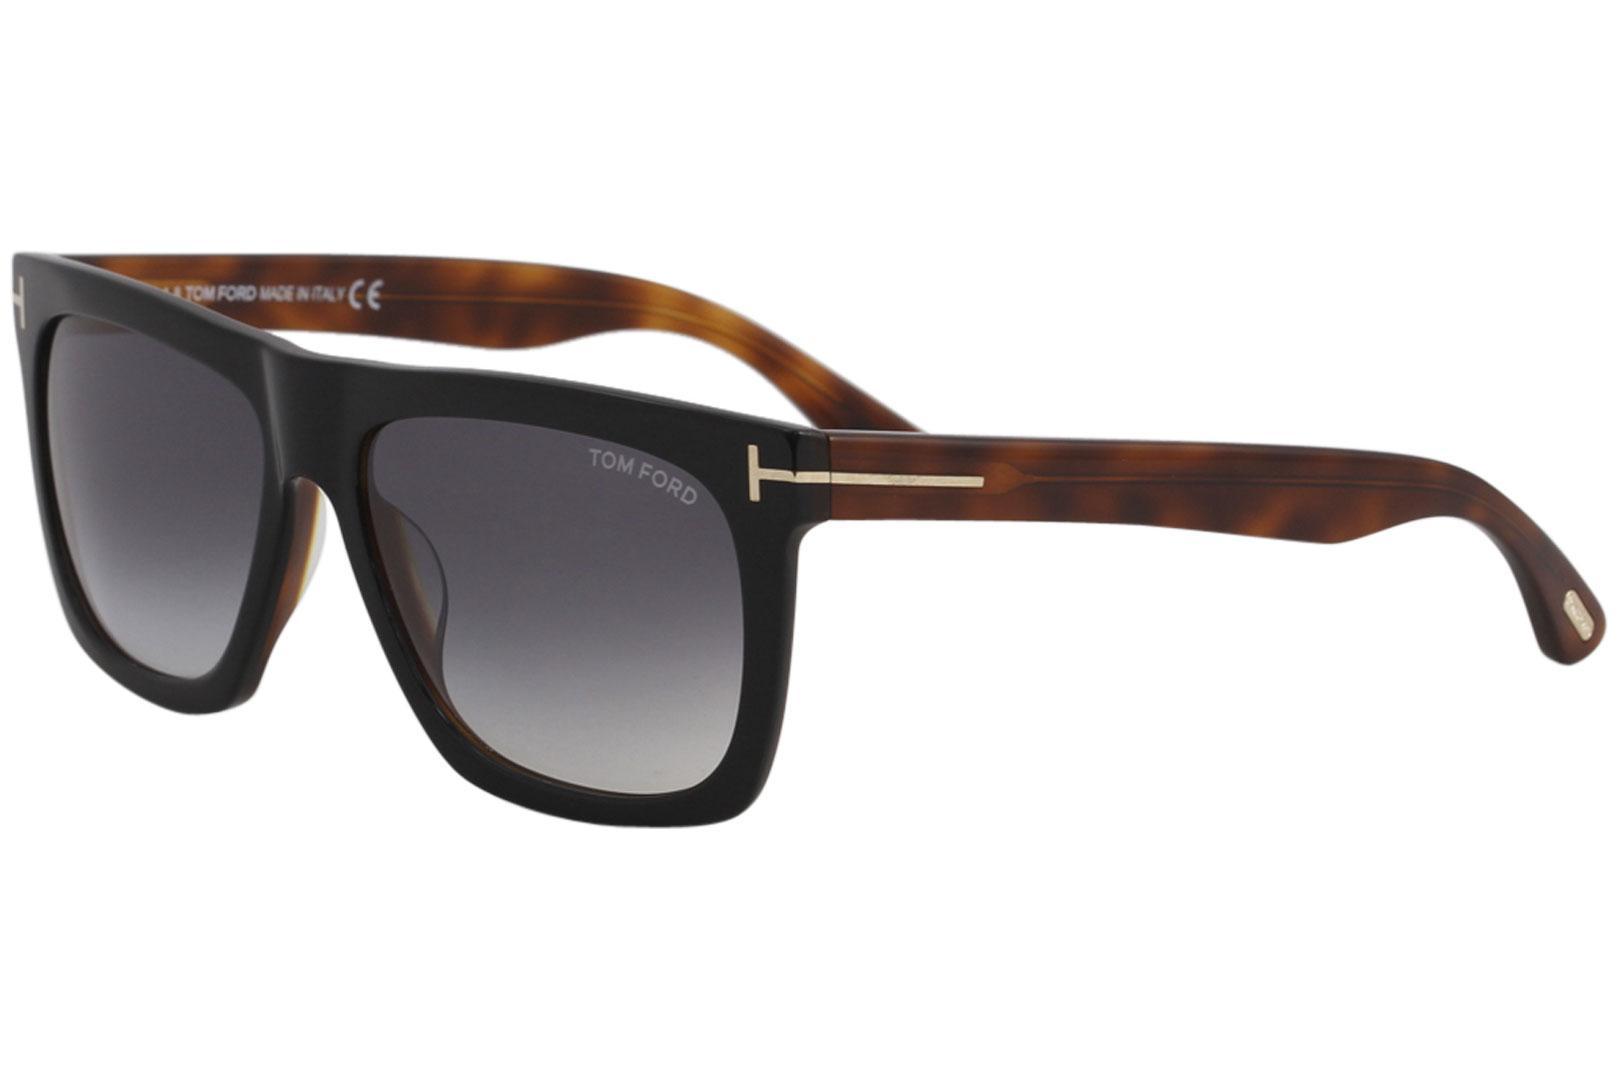 3ed4801330f Tom Ford Women s Morgan TF513 TF 513 Fashion Square Sunglasses by Tom Ford